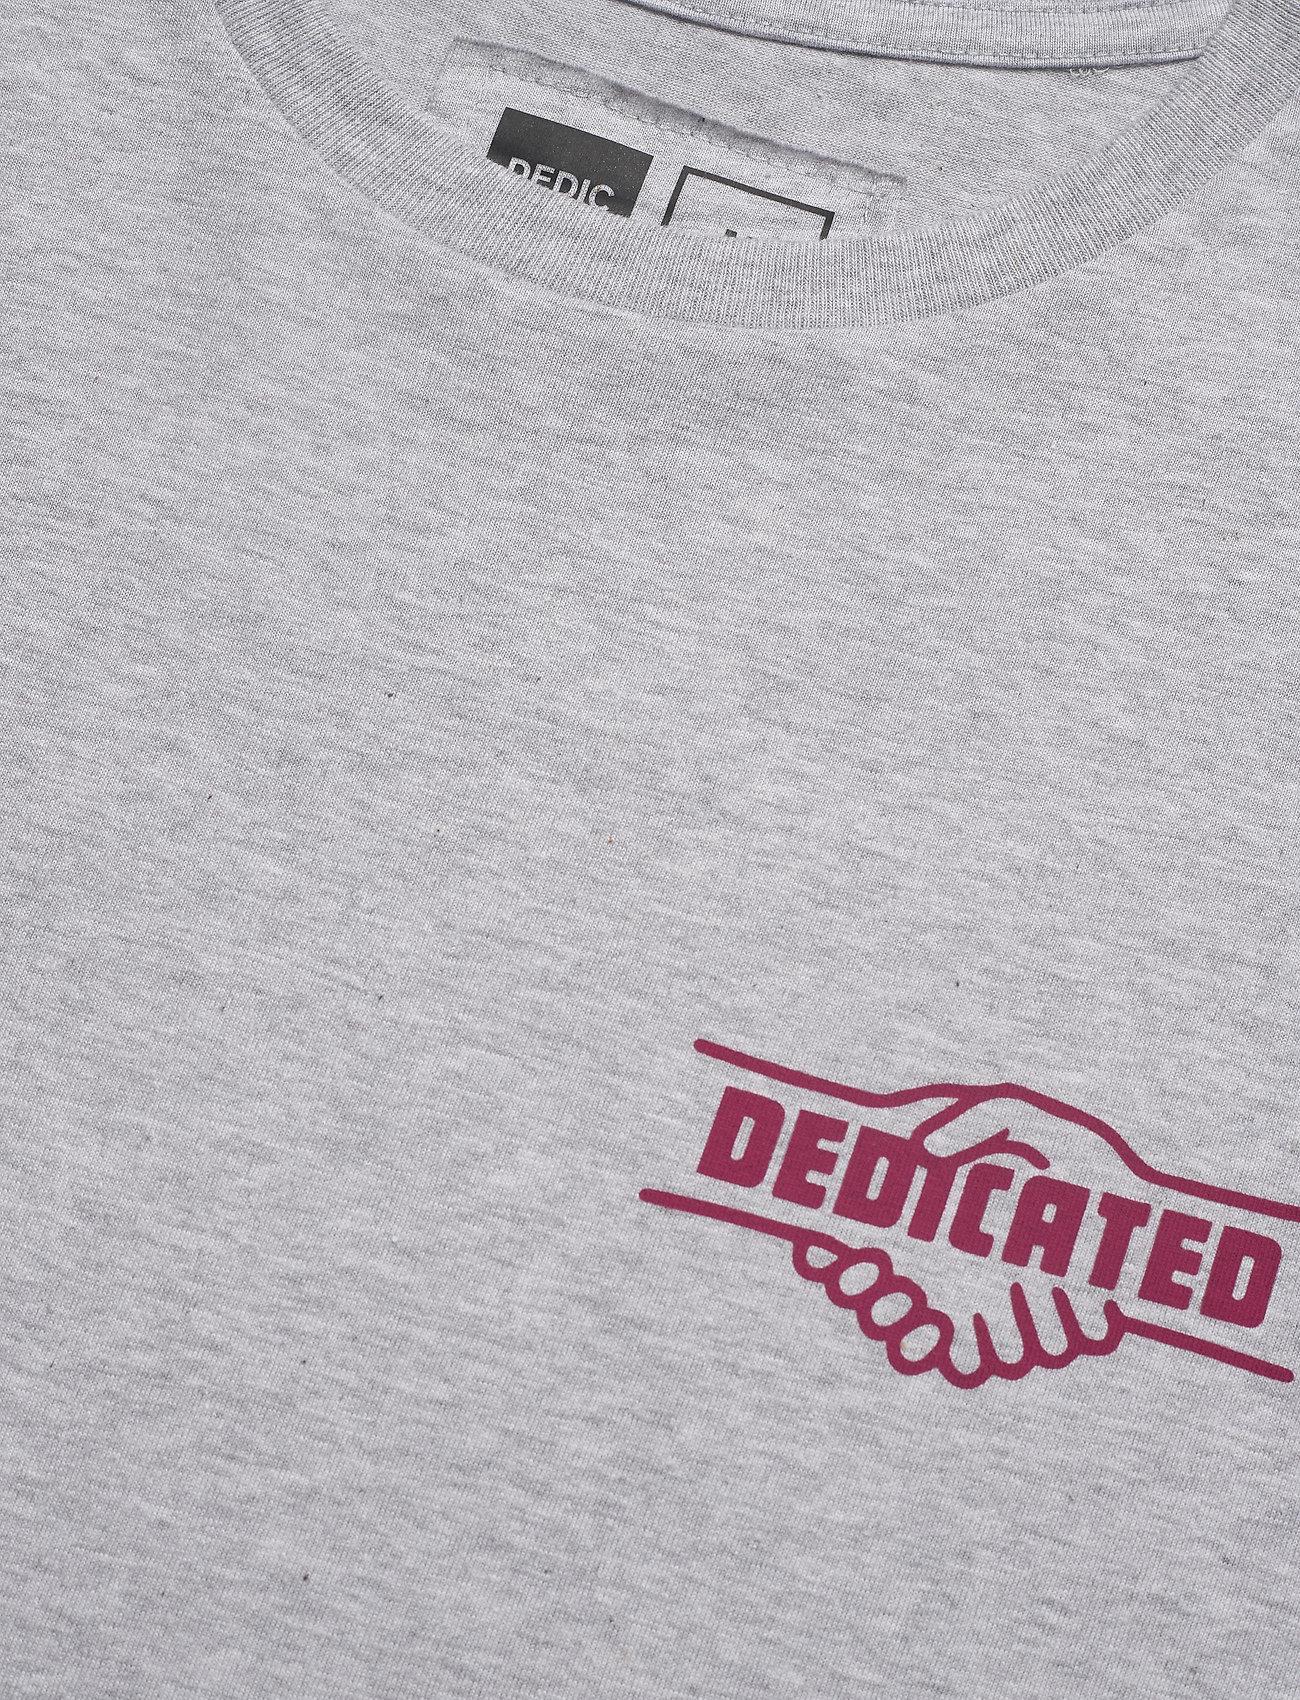 T-shirt Stockholm Good Hands (Grey Melange) (17.48 €) - DEDICATED 5JFSf